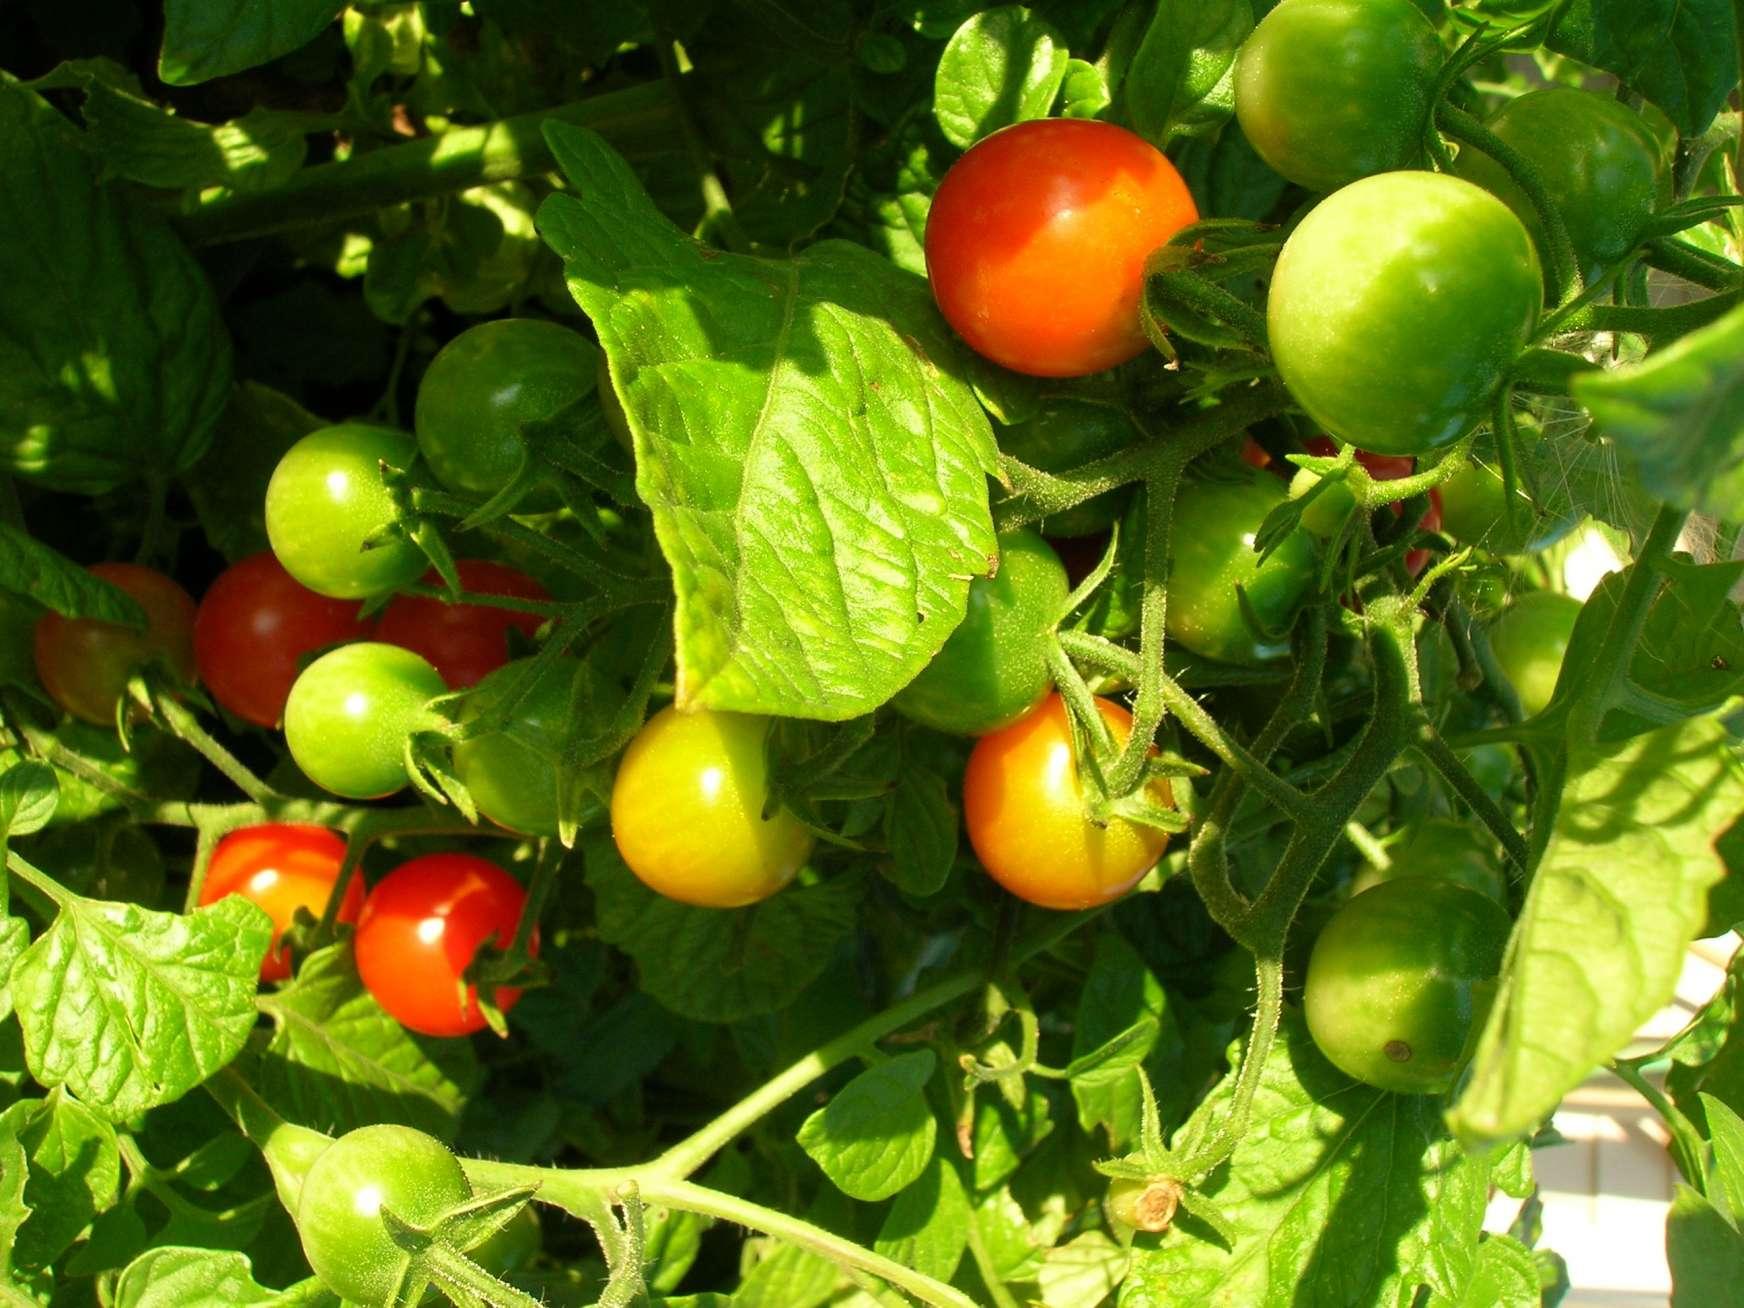 Those Tantalizing Tomatoes!